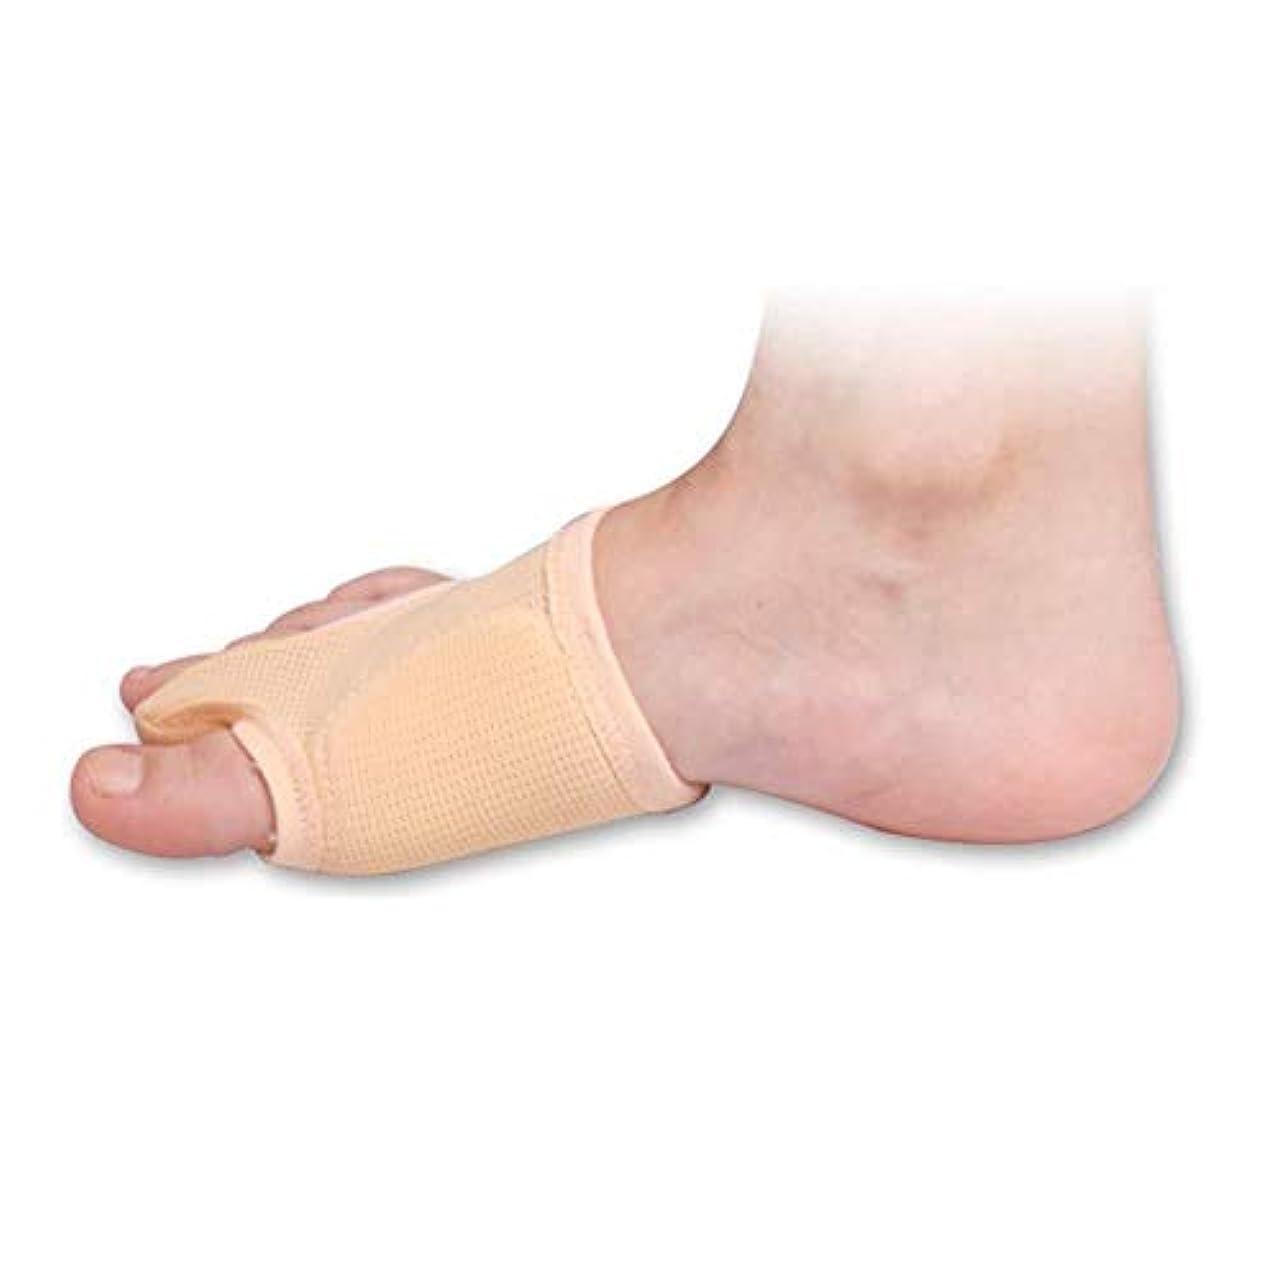 バルク反対する正当な外反母ortho装具、外反母separatorセパレーターつま先セパレーター超ソフトで快適なハンマーヘッドの痛み,Right Foot-S